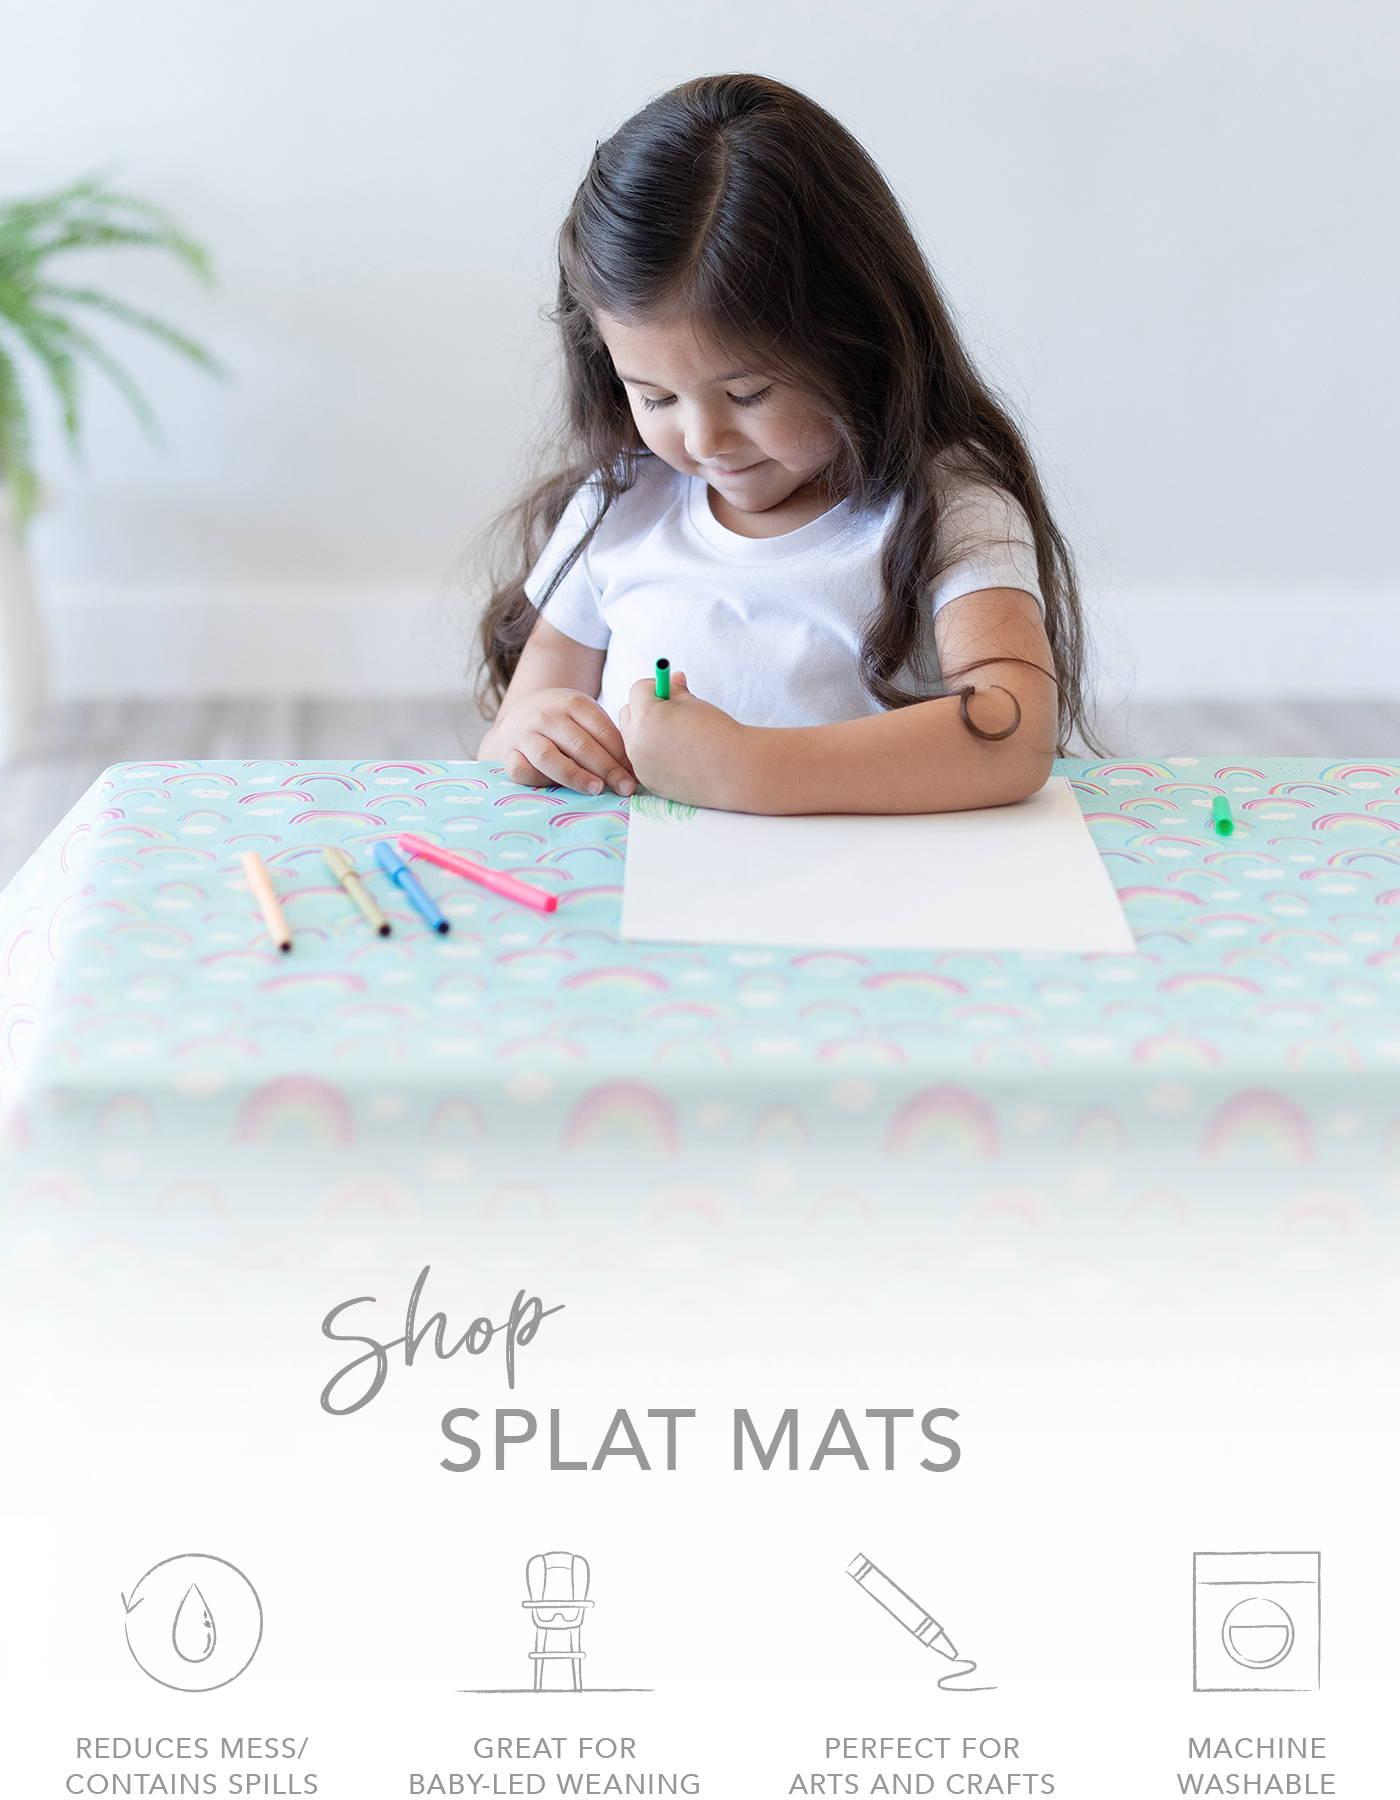 shop splat mats